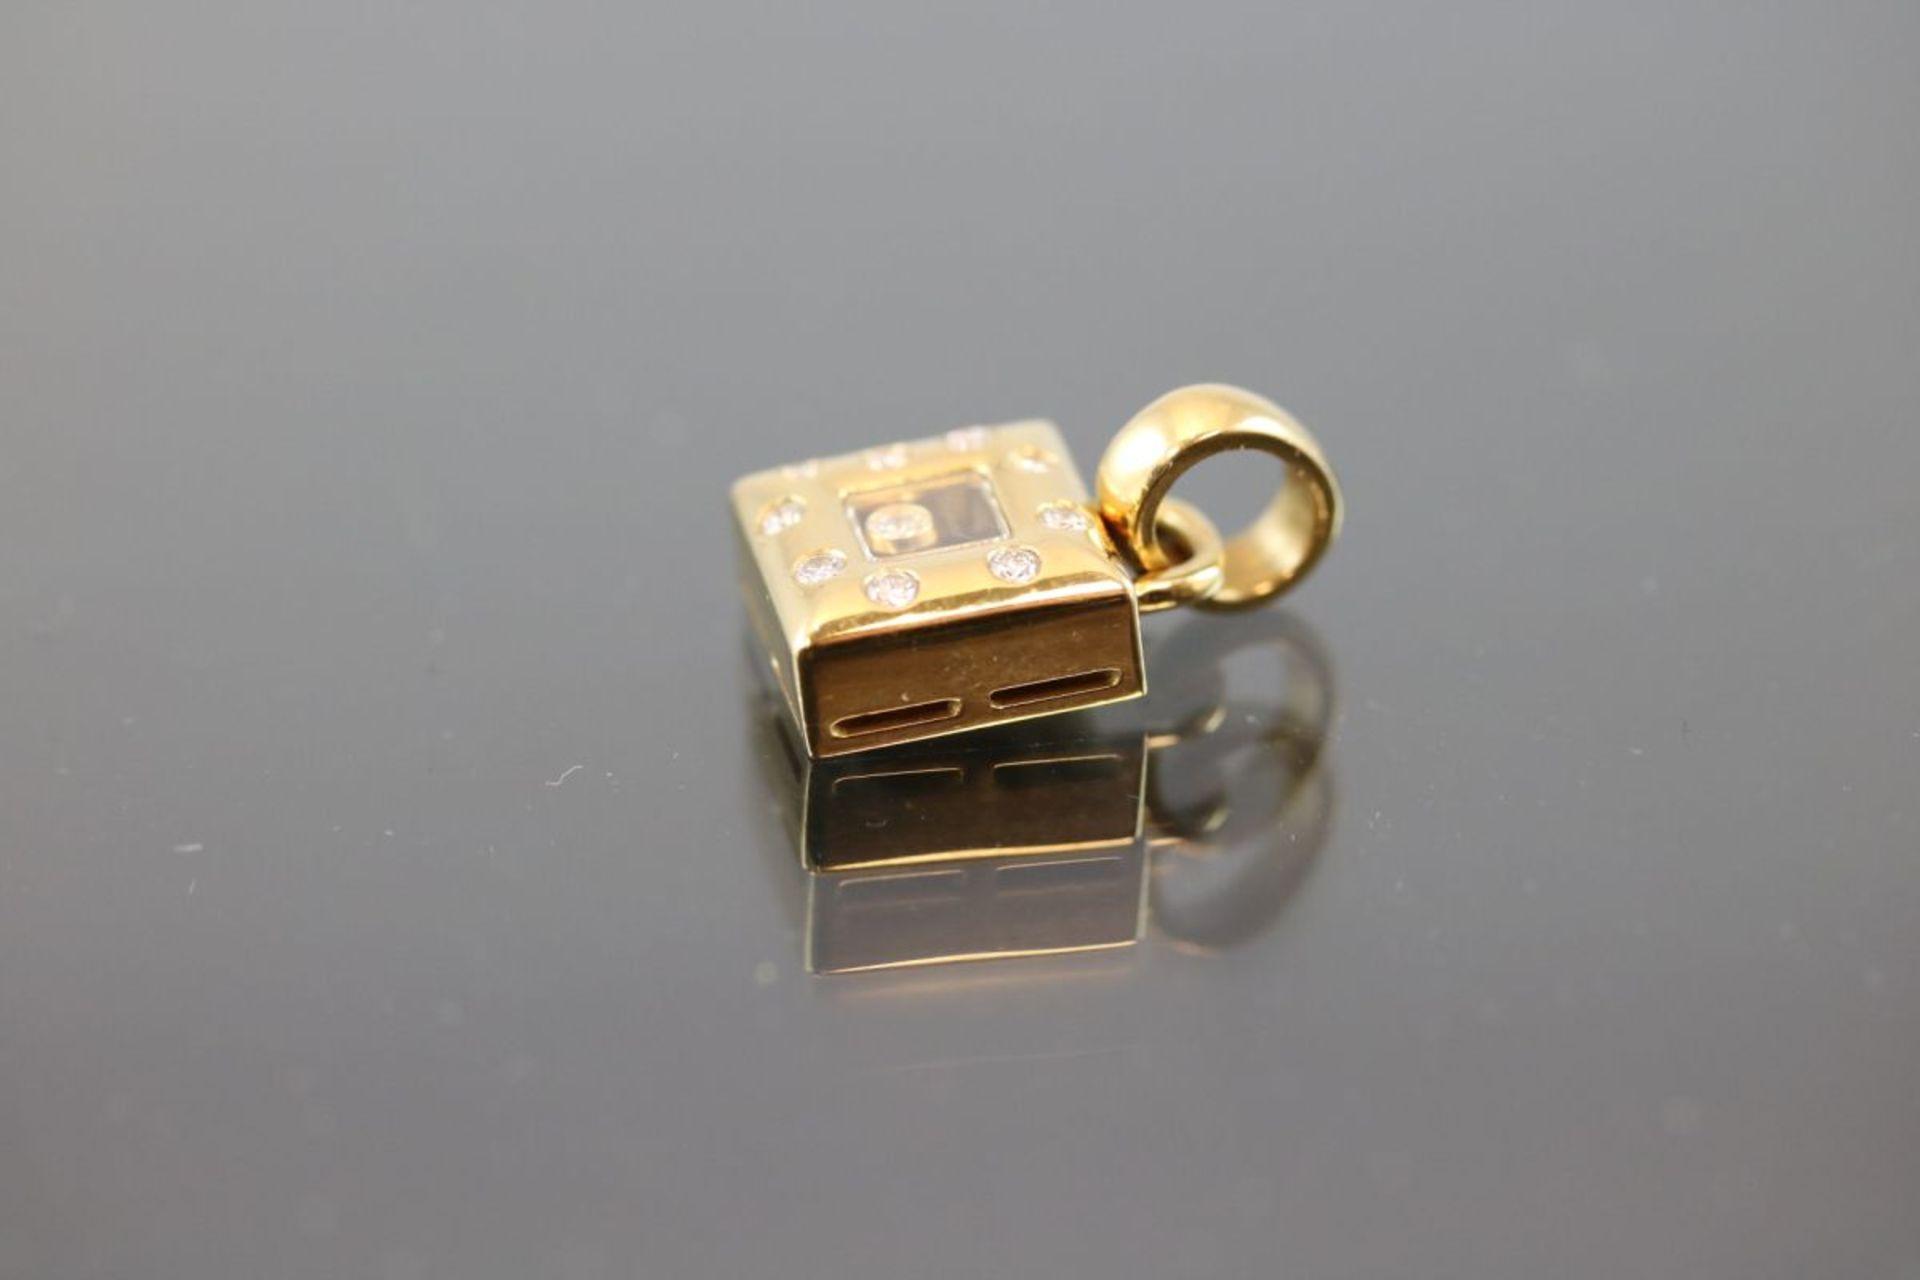 Chopard-Brillant-Anhänger, 750 Gold7,7 Gramm 10 Brillanten, 0,30 ct., tw/vsi. 9228786, 79/2486-20. - Bild 3 aus 3